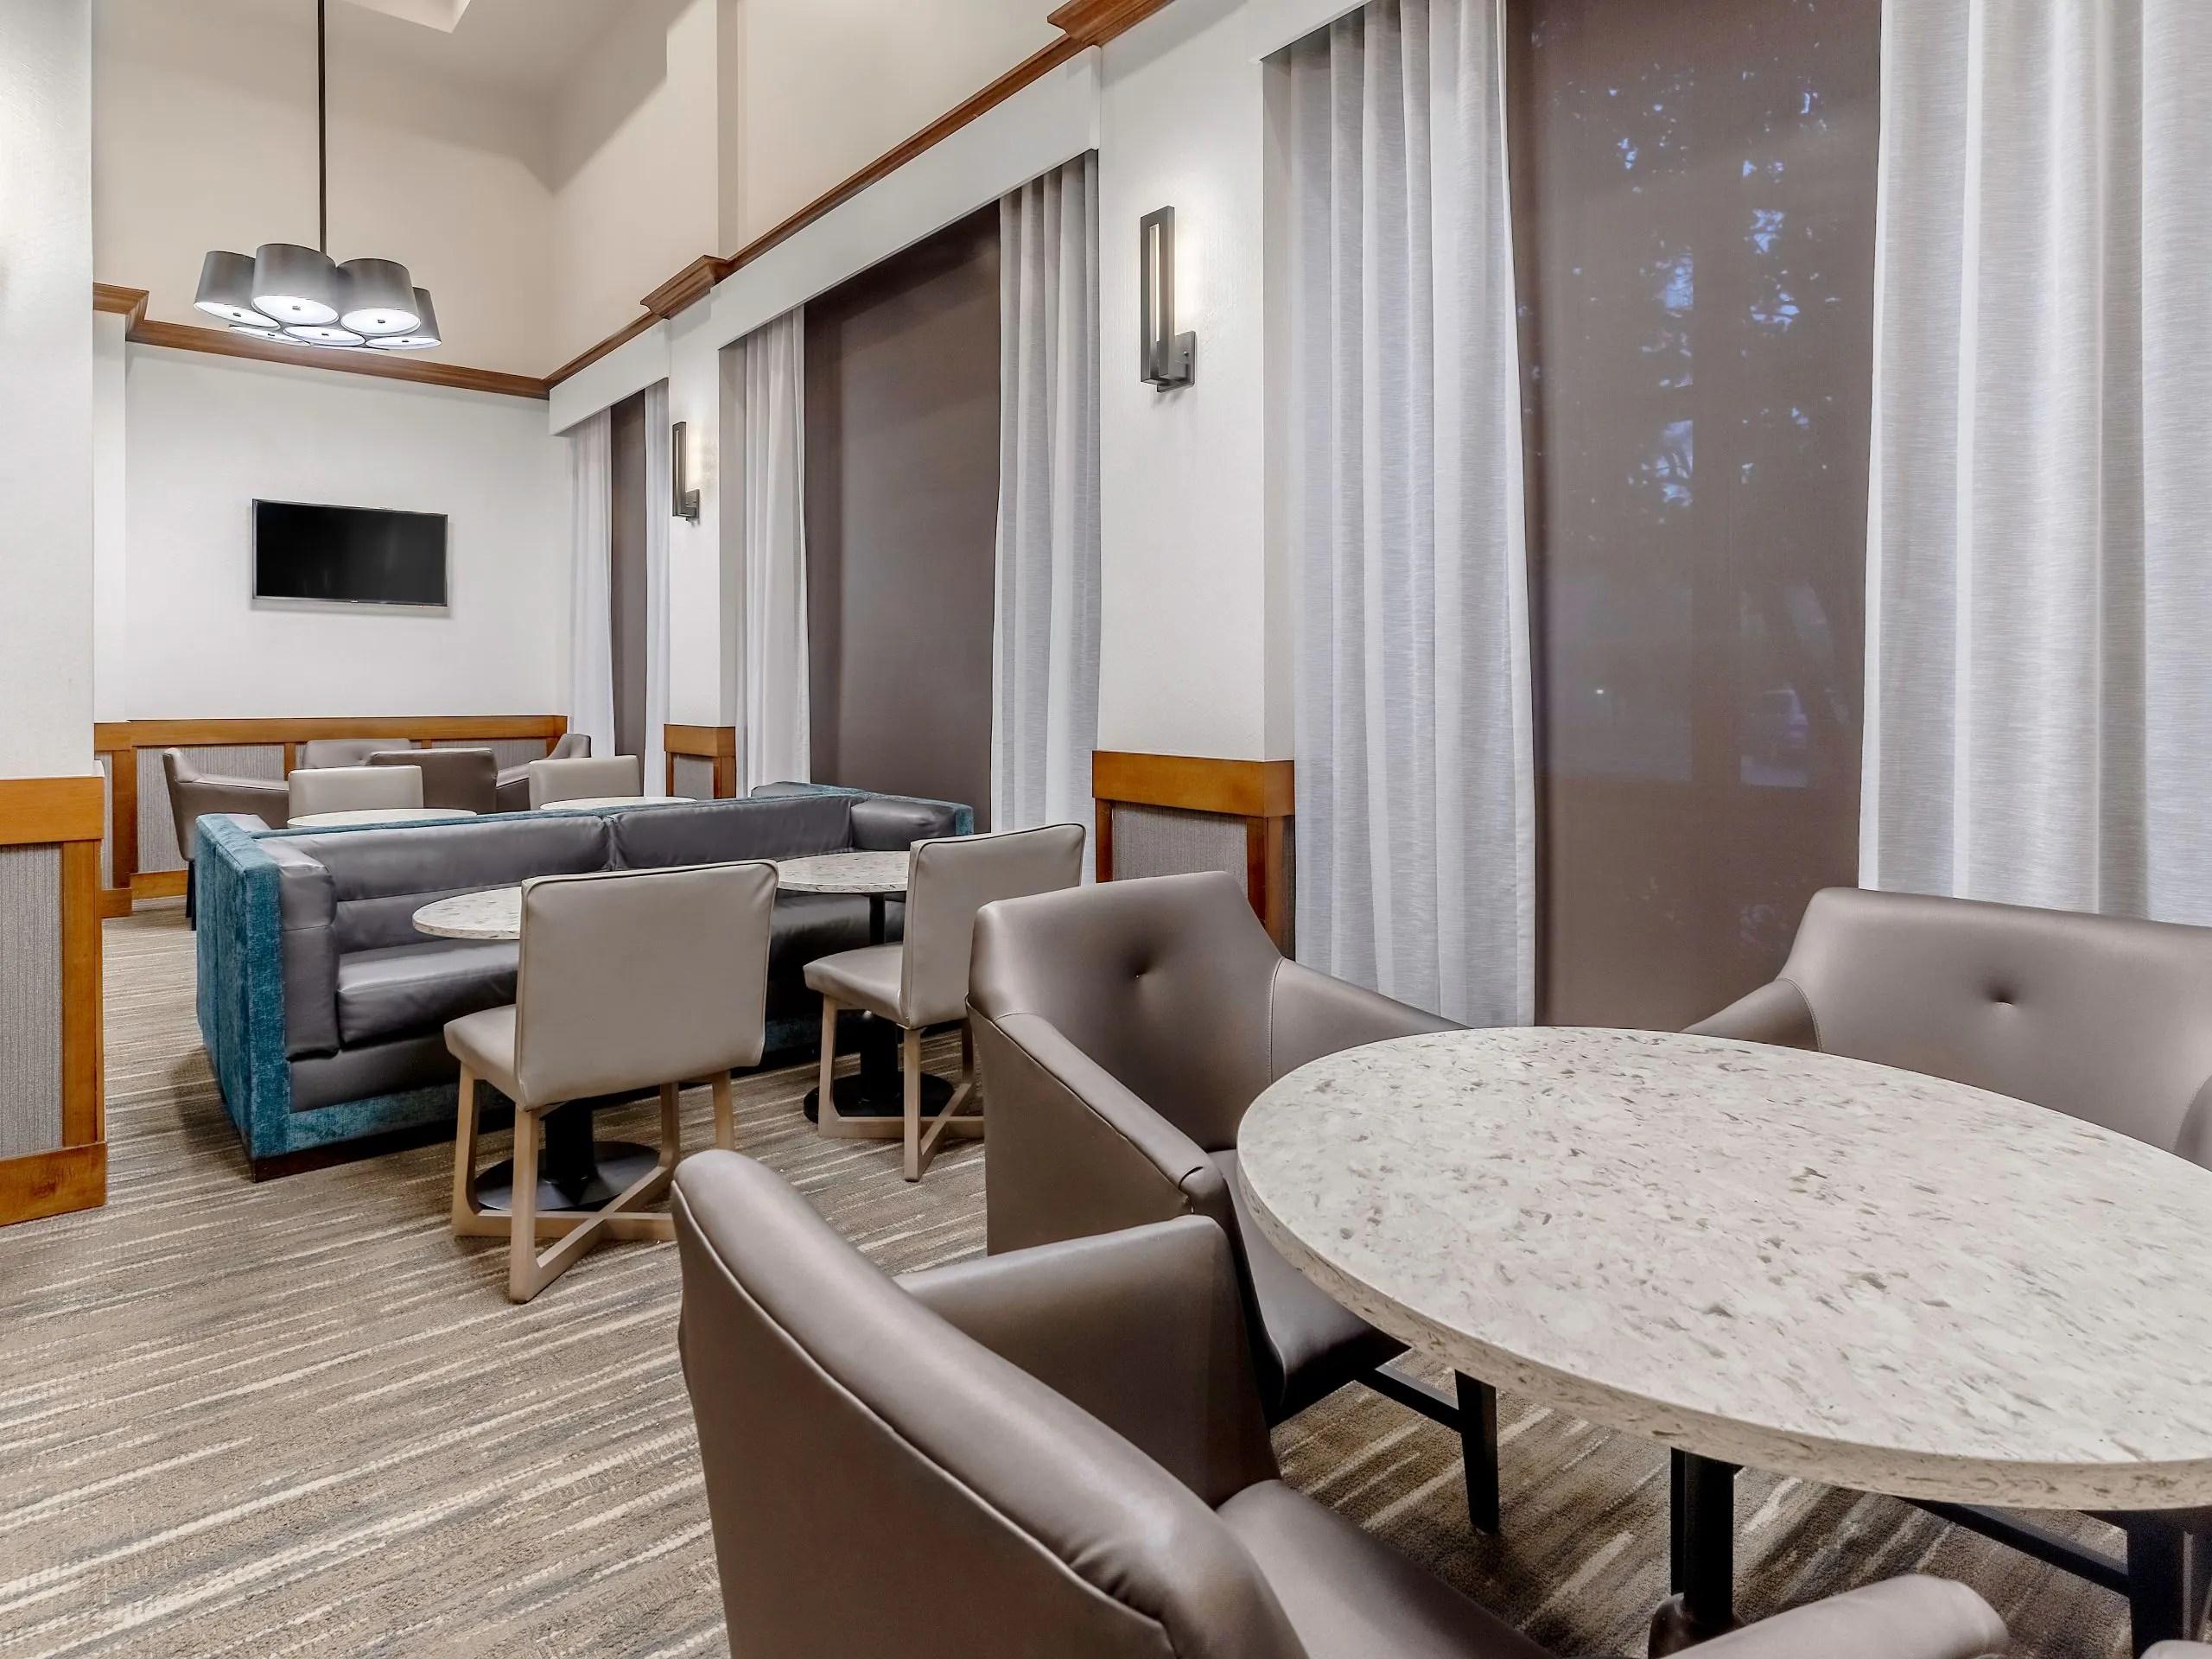 hyatt place hotel in richmond va